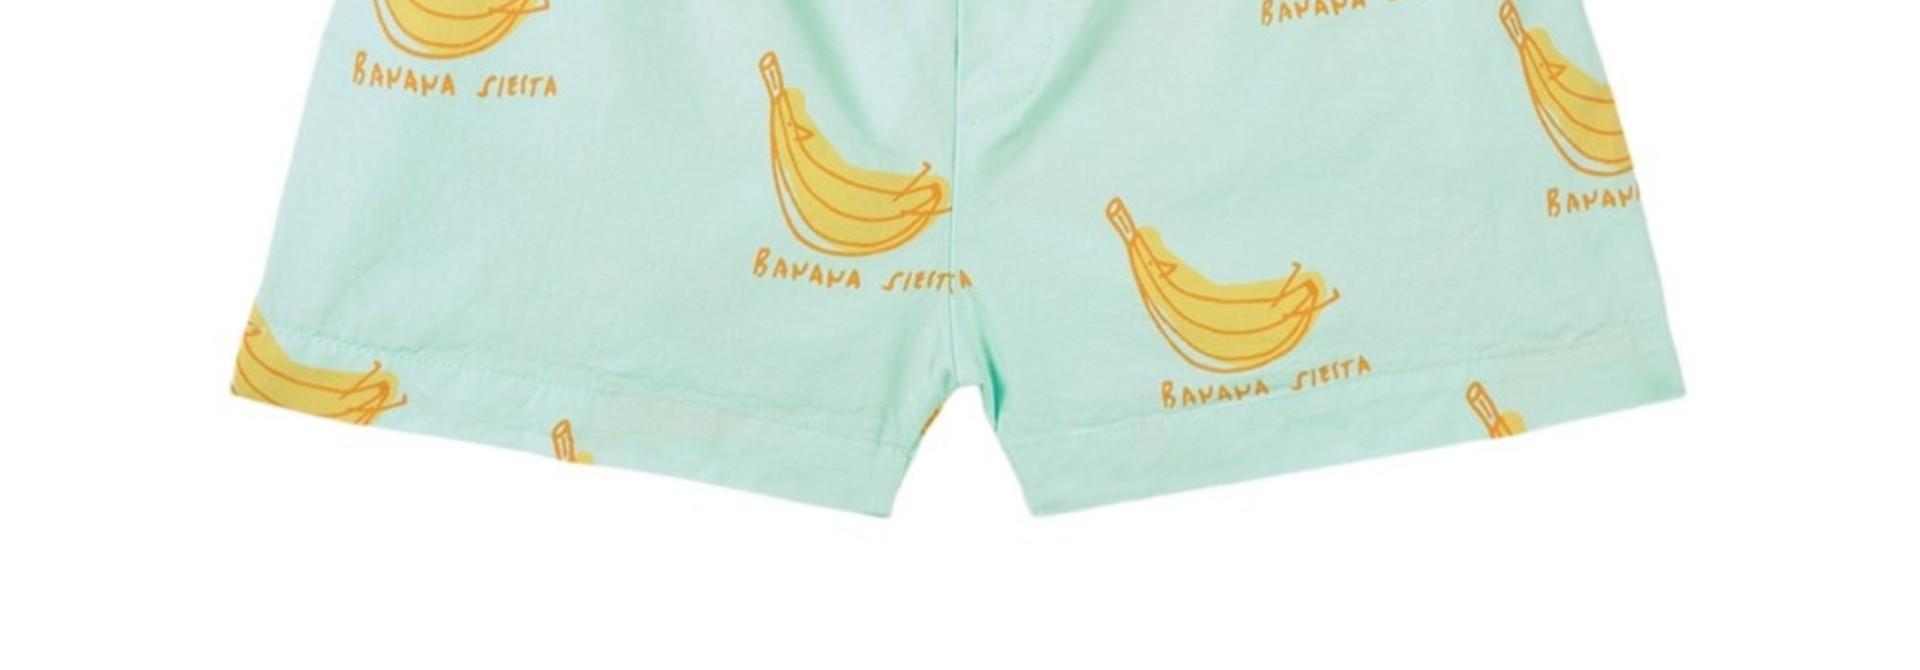 Short button banana siesta